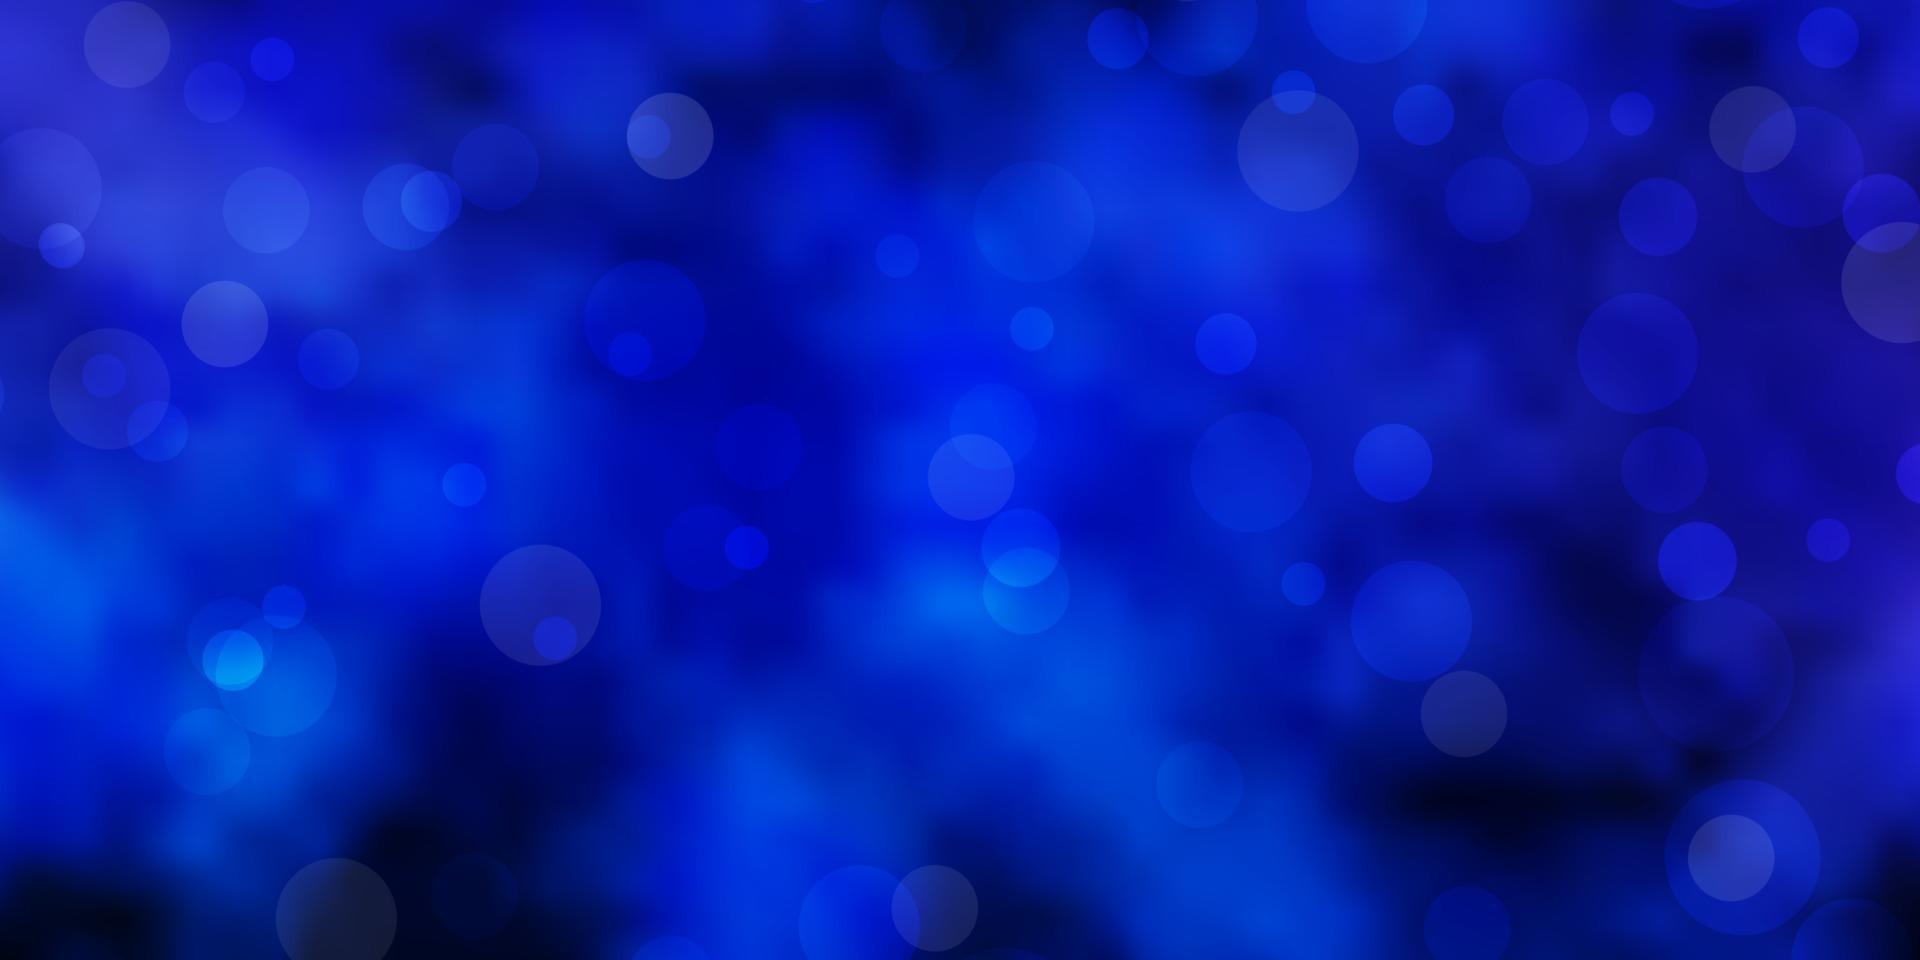 texture de vecteur rose foncé, bleu avec des disques.